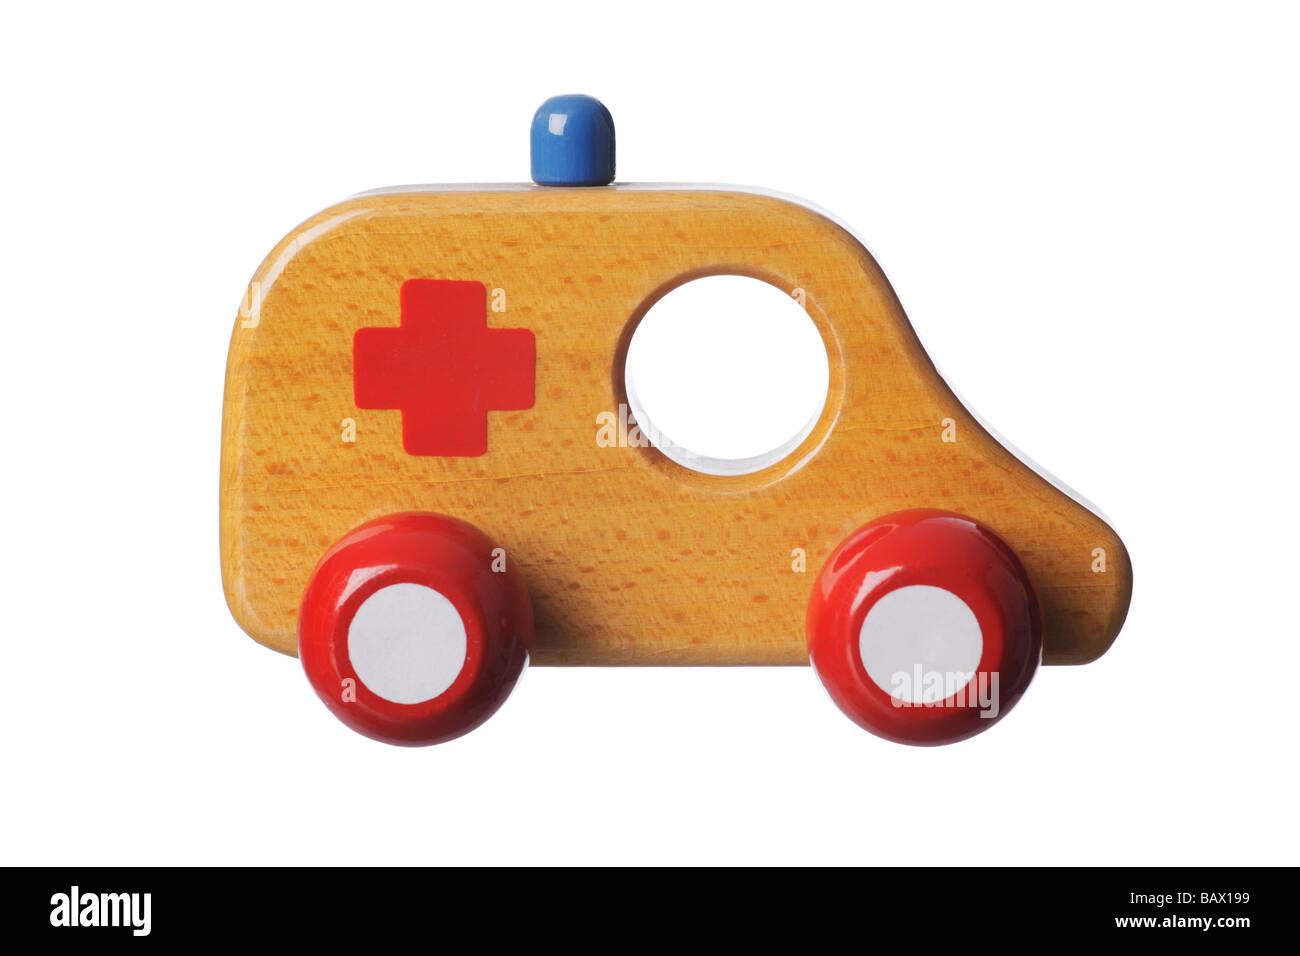 Wooden toy ambulance - Stock Image